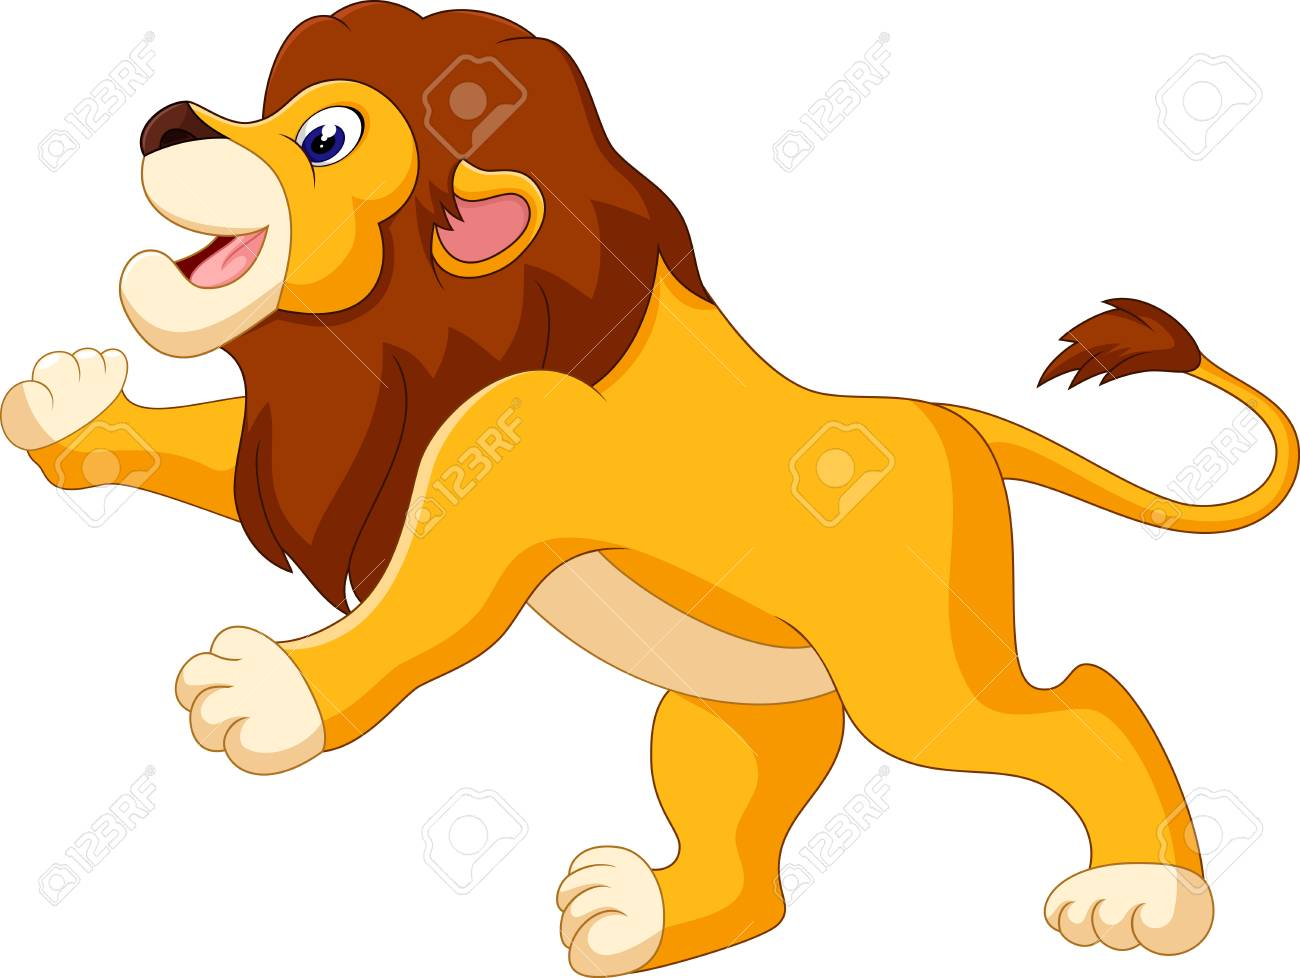 イラストのかわいいライオン漫画 の写真素材画像素材 Image 49057309